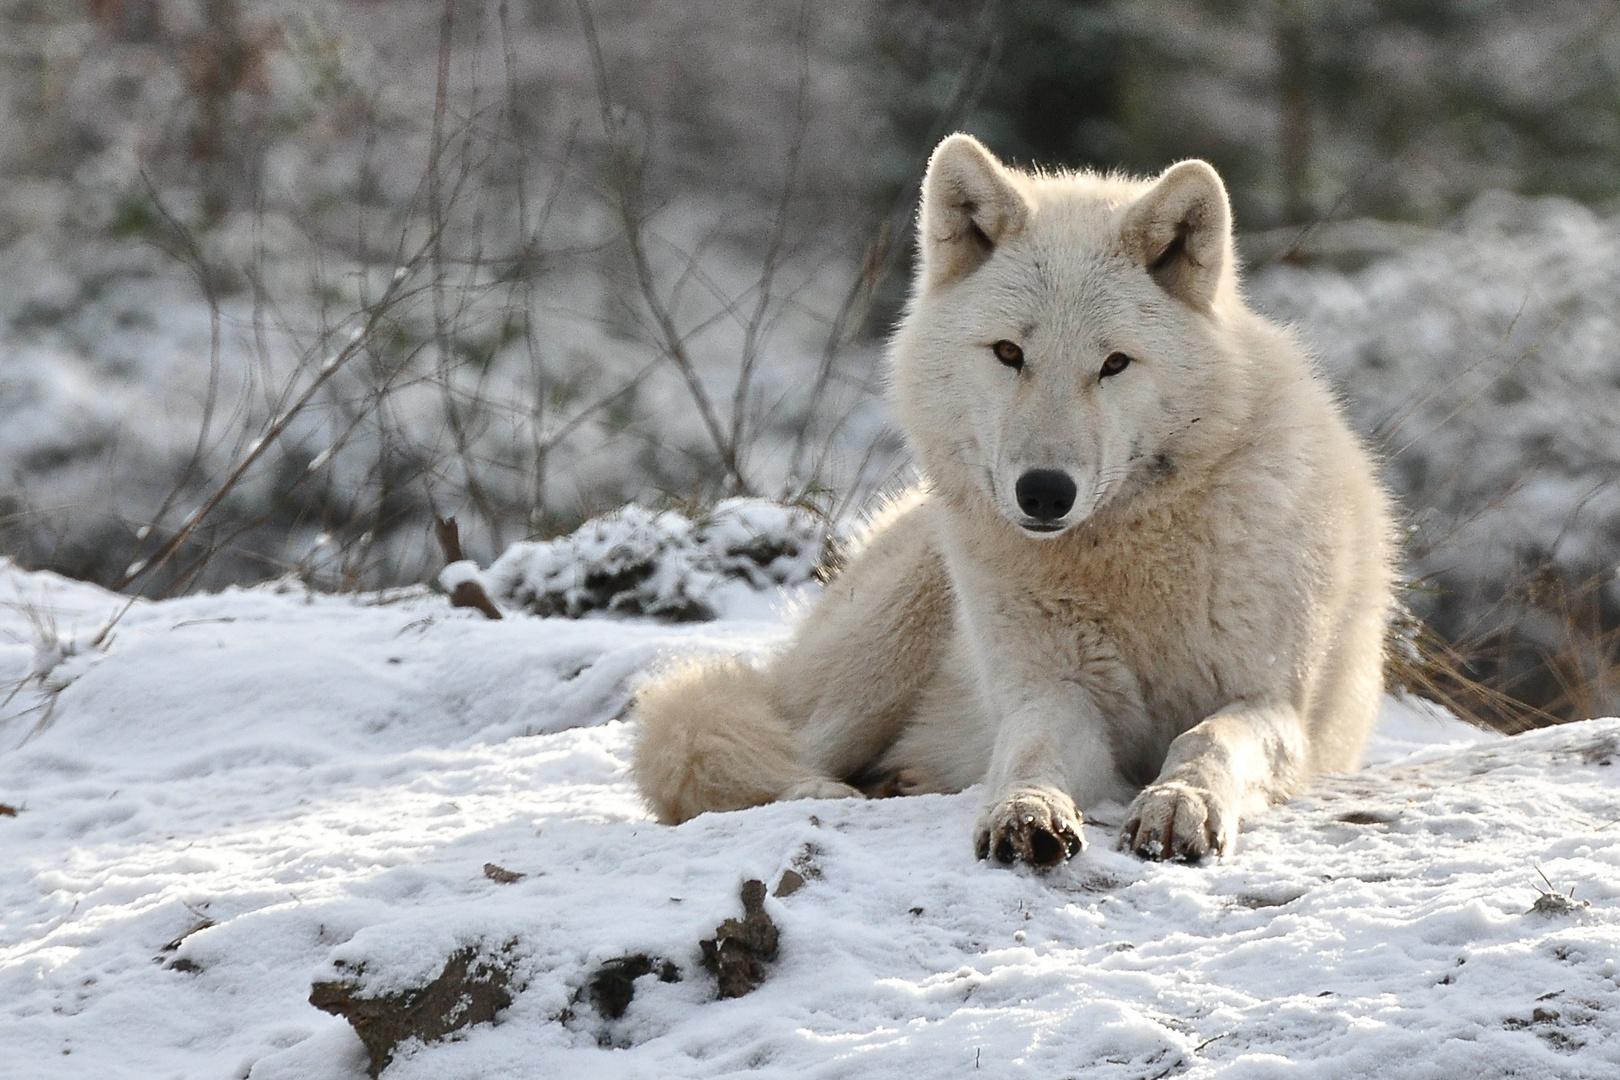 schnee wolf foto bild tiere zoo wildpark falknerei s ugetiere bilder auf fotocommunity. Black Bedroom Furniture Sets. Home Design Ideas